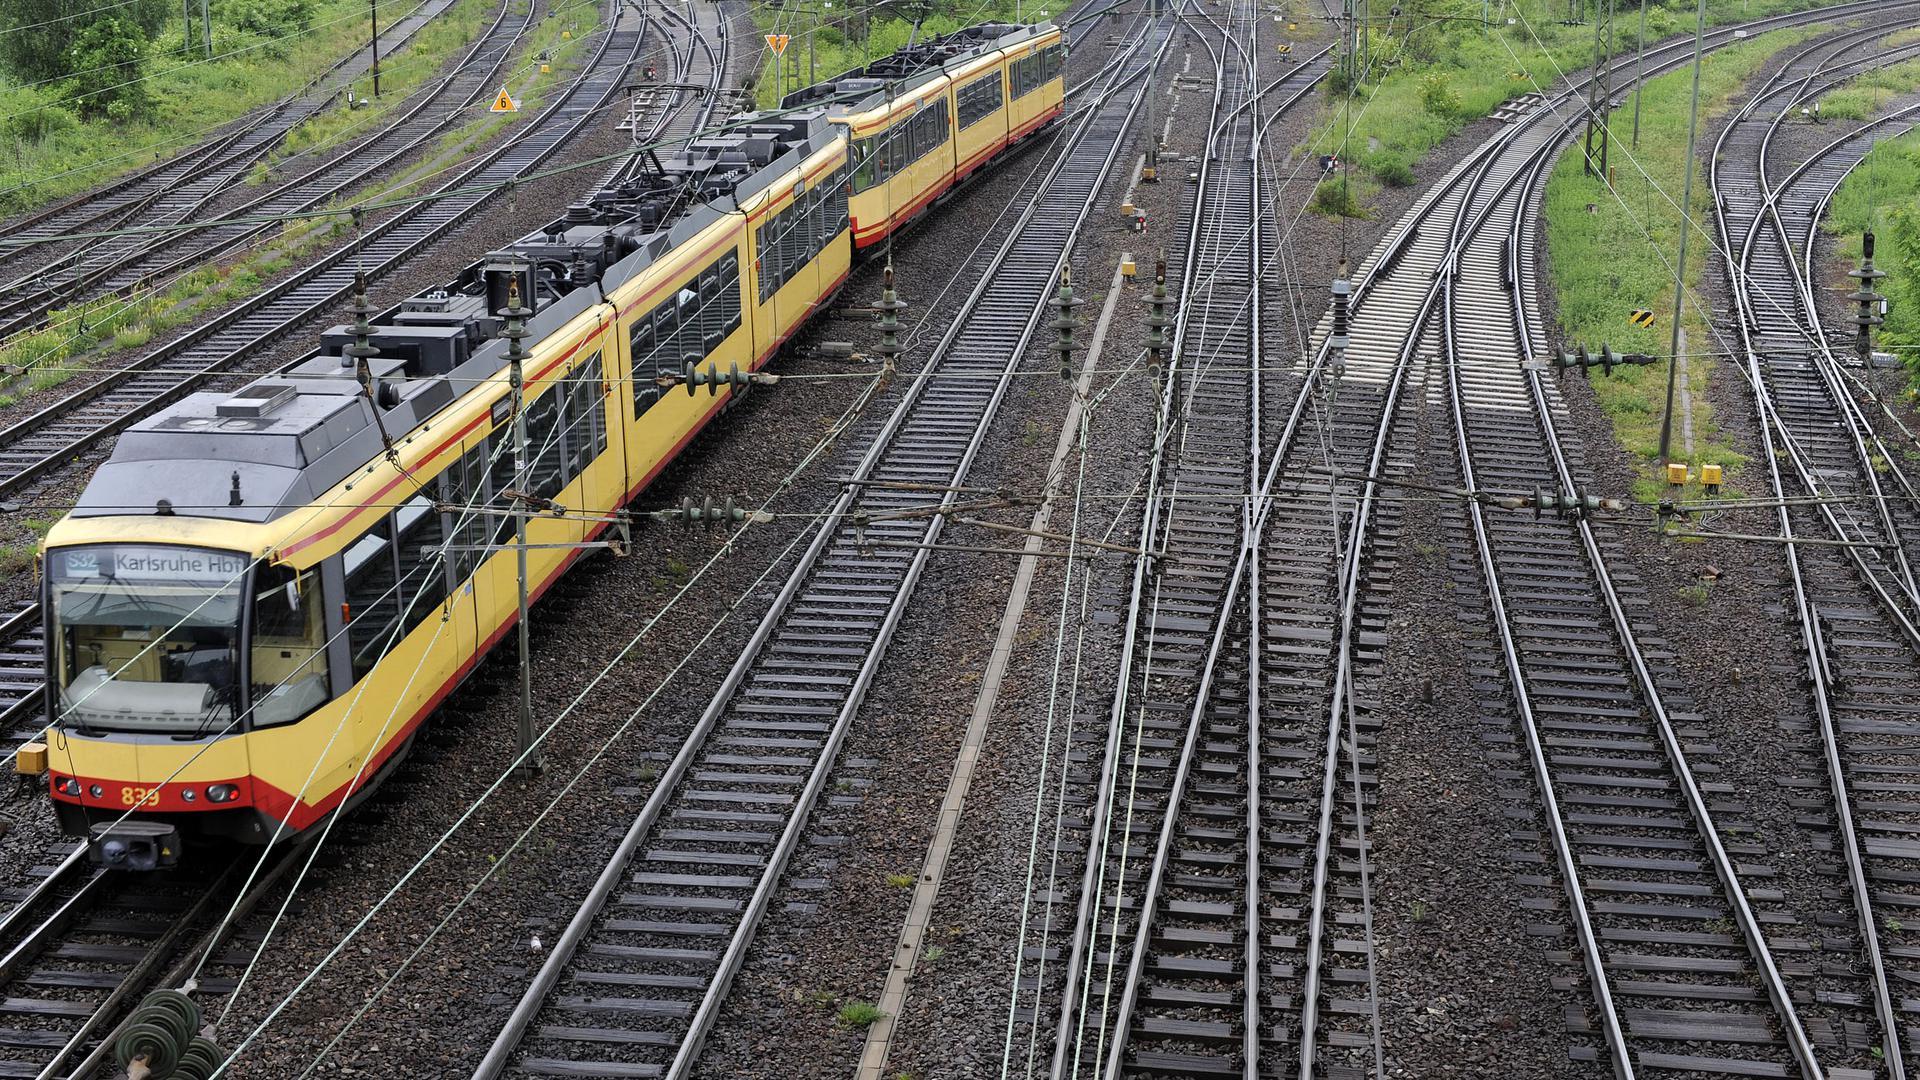 Bruchsal, DEU, 15.05.2009: Eine neue Software soll es der AVG ermöglichen, sämtliche Daten zur Verkehrsinfrastruktur zentral zu verwalten  15.05.2009 FOTO: Gustavo ALABISO